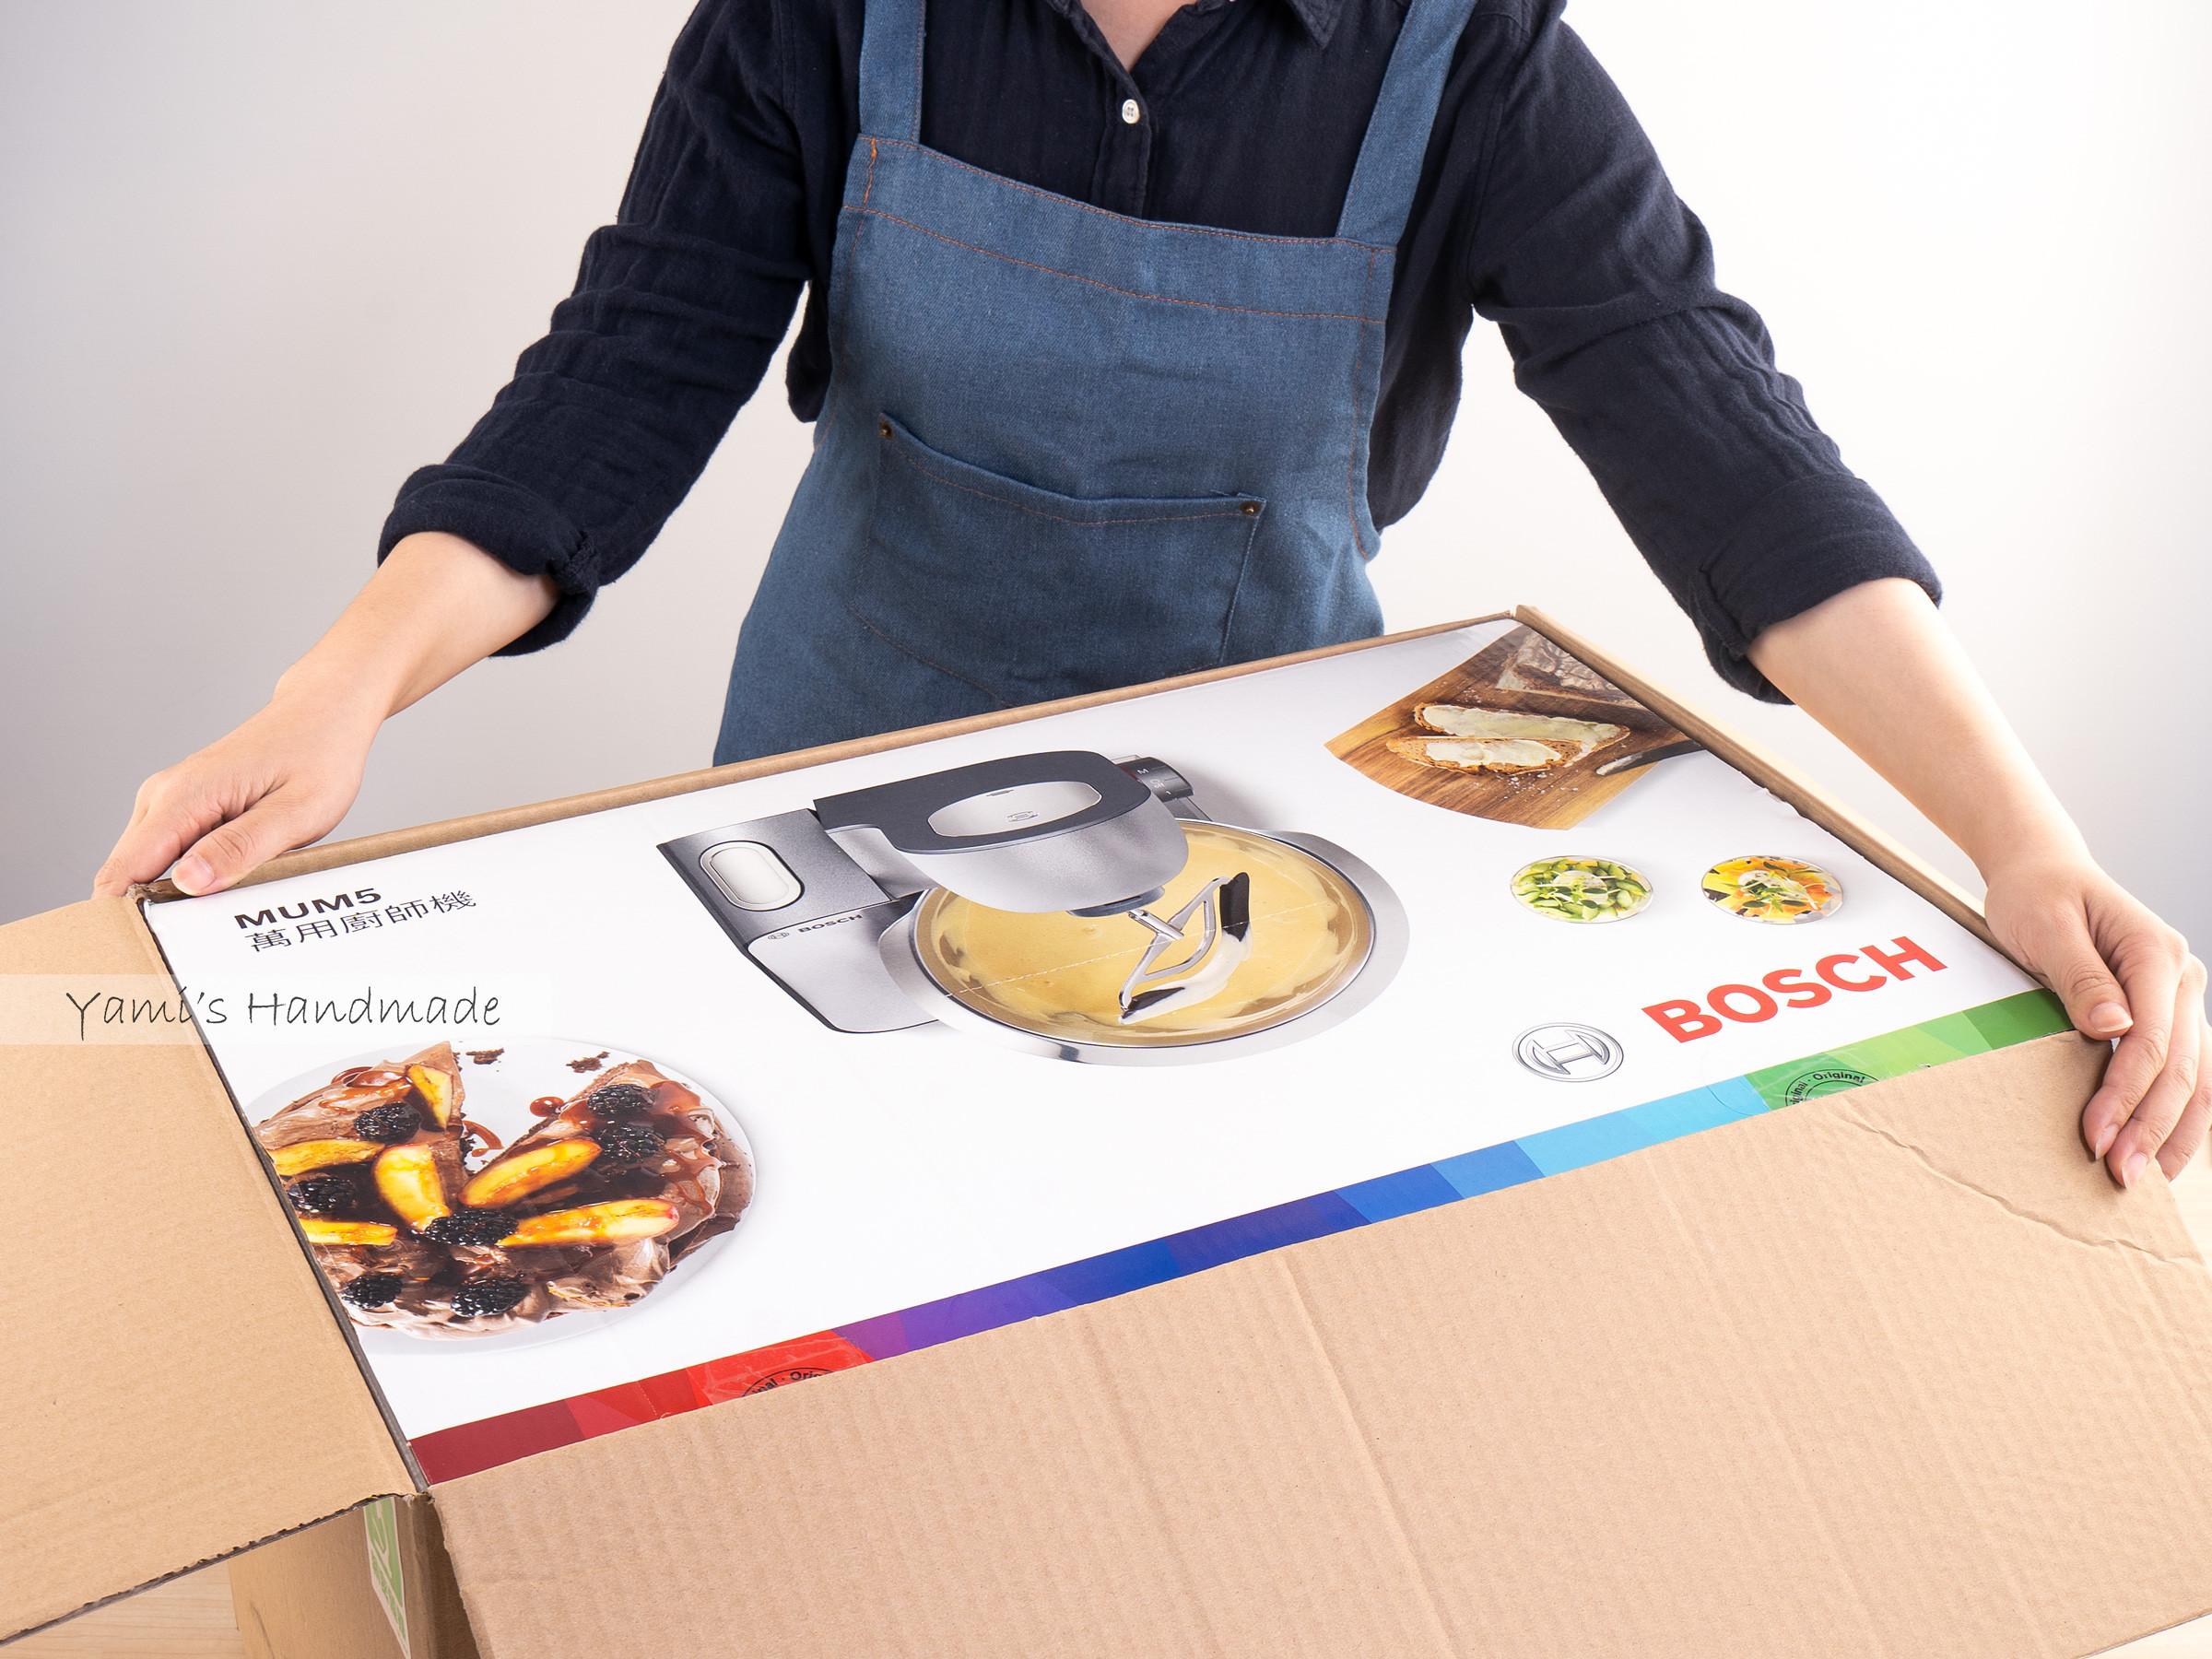 廚房內的夢幻逸品-Bosch精湛萬用廚師機的第 1 張圖片